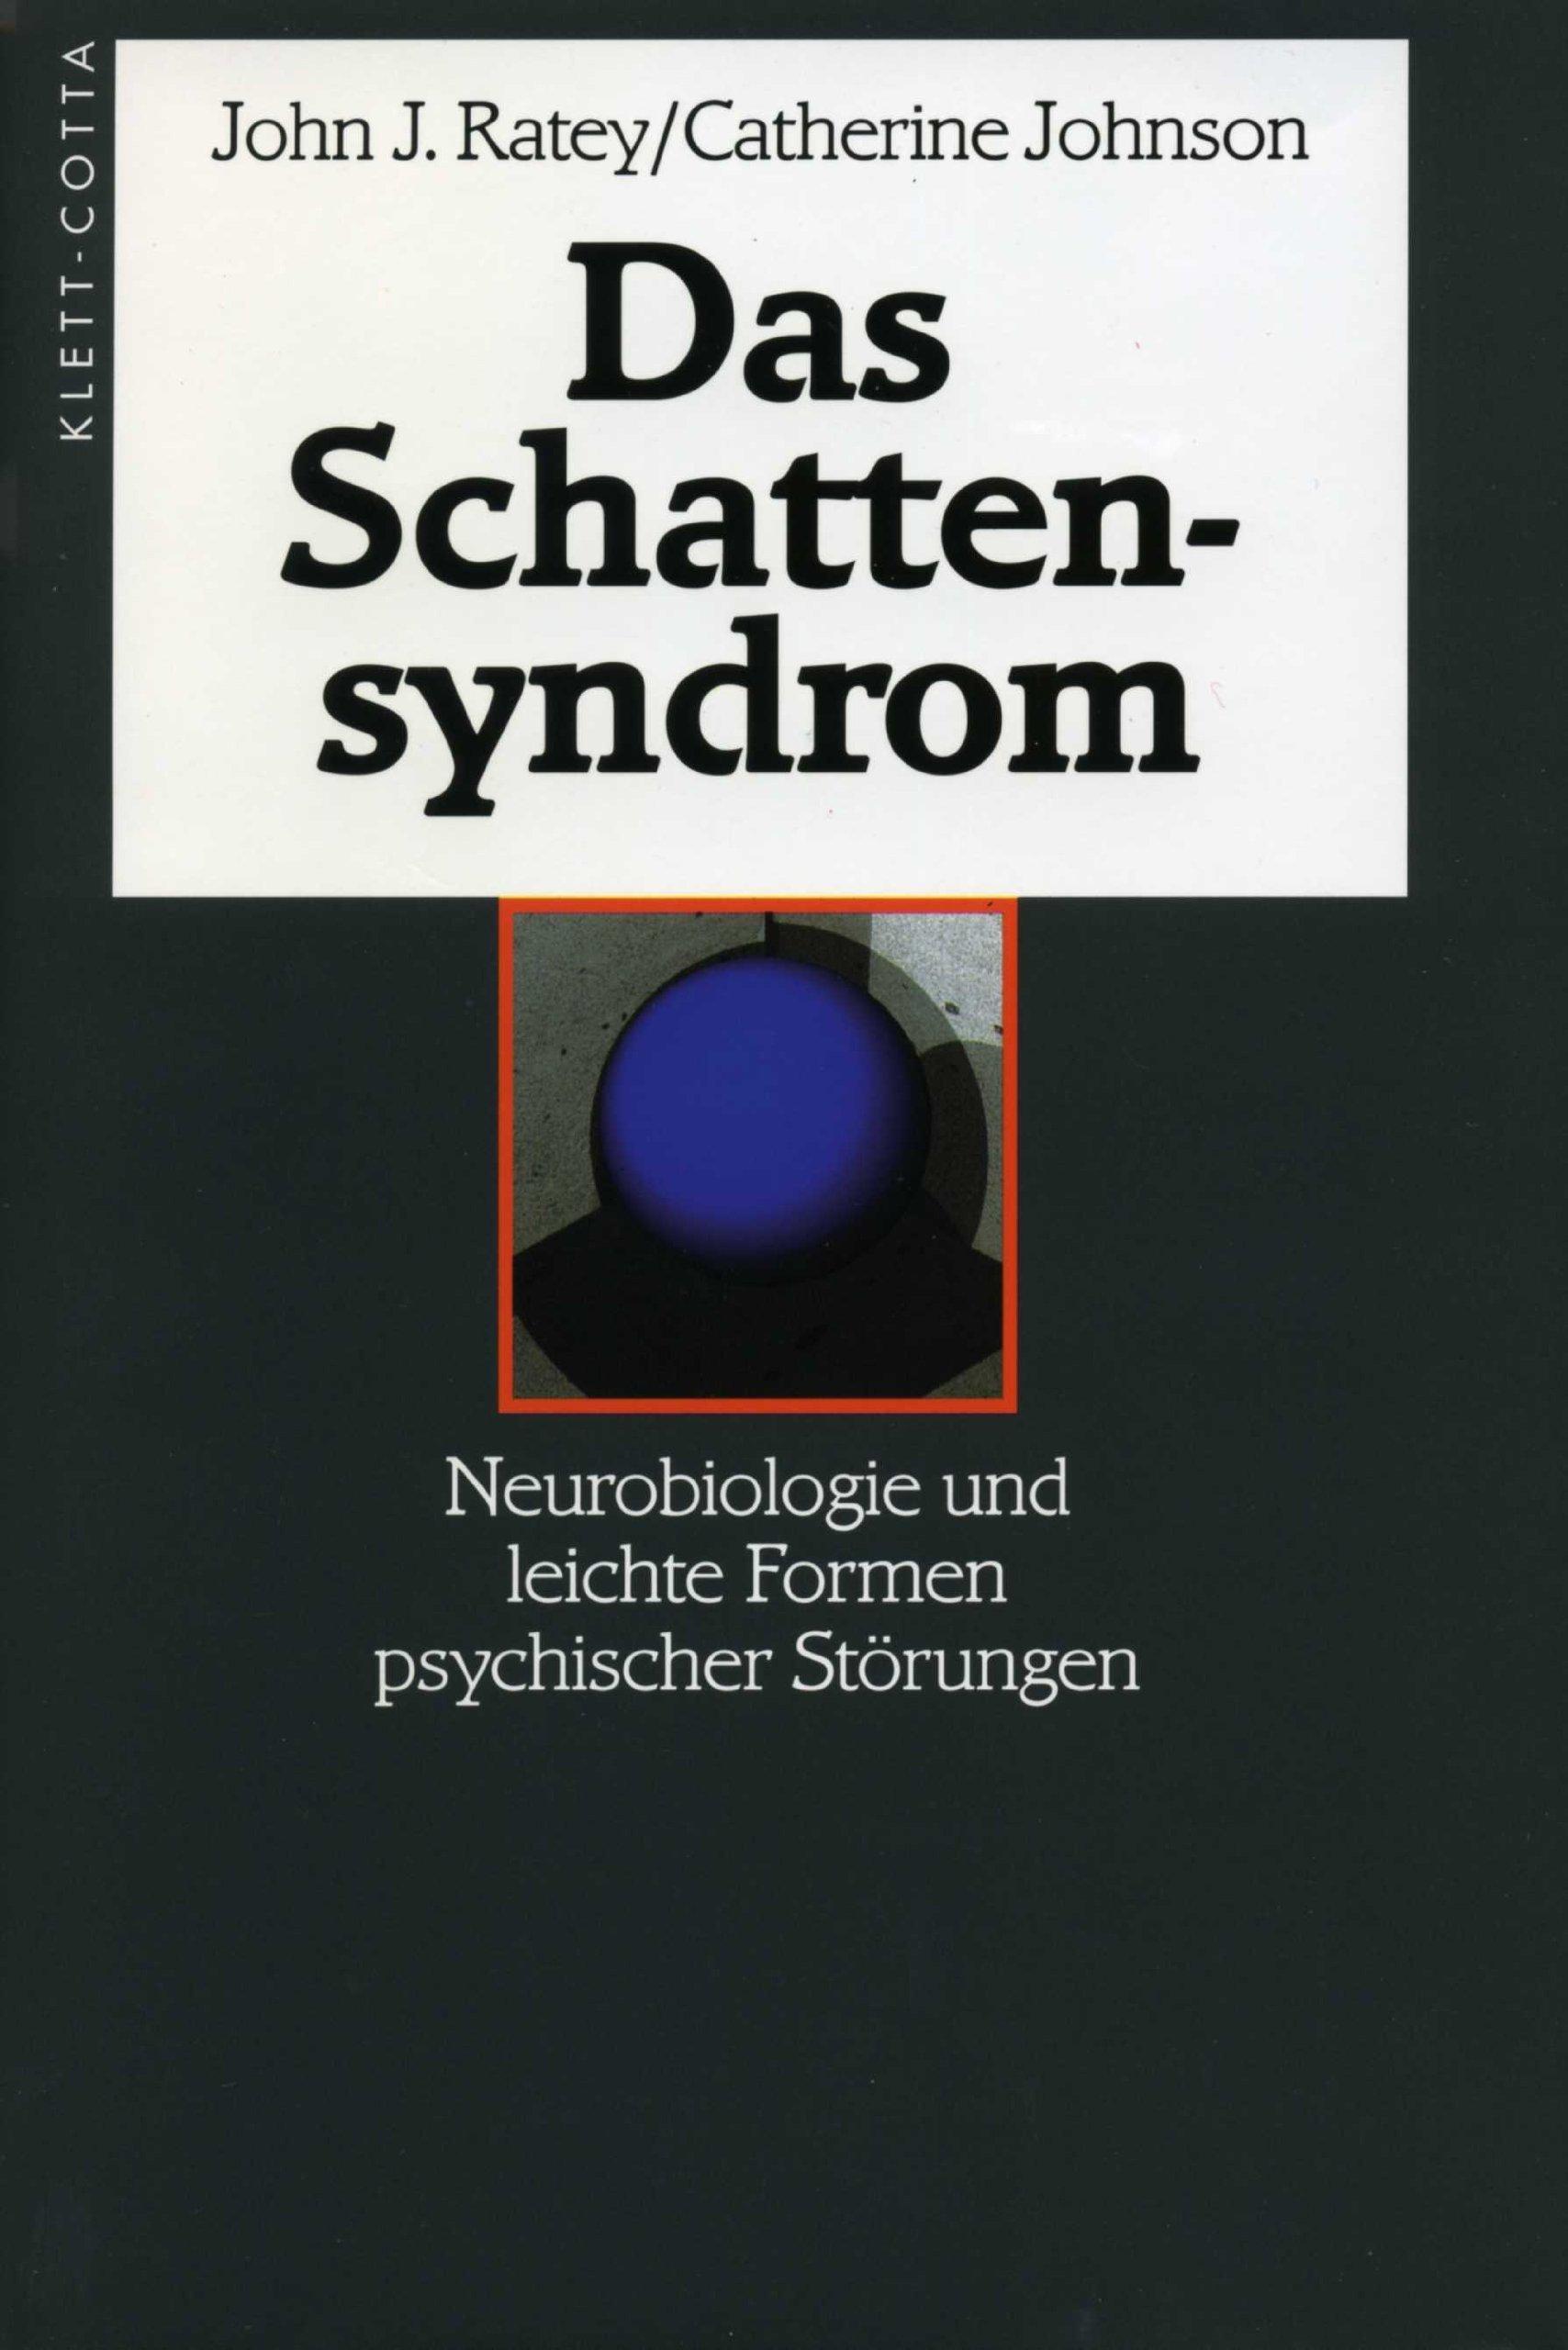 das-schattensyndrom-neurobiologie-und-leichte-formen-psychischer-strungen-von-john-j-ratey-1999-gebundene-ausgabe